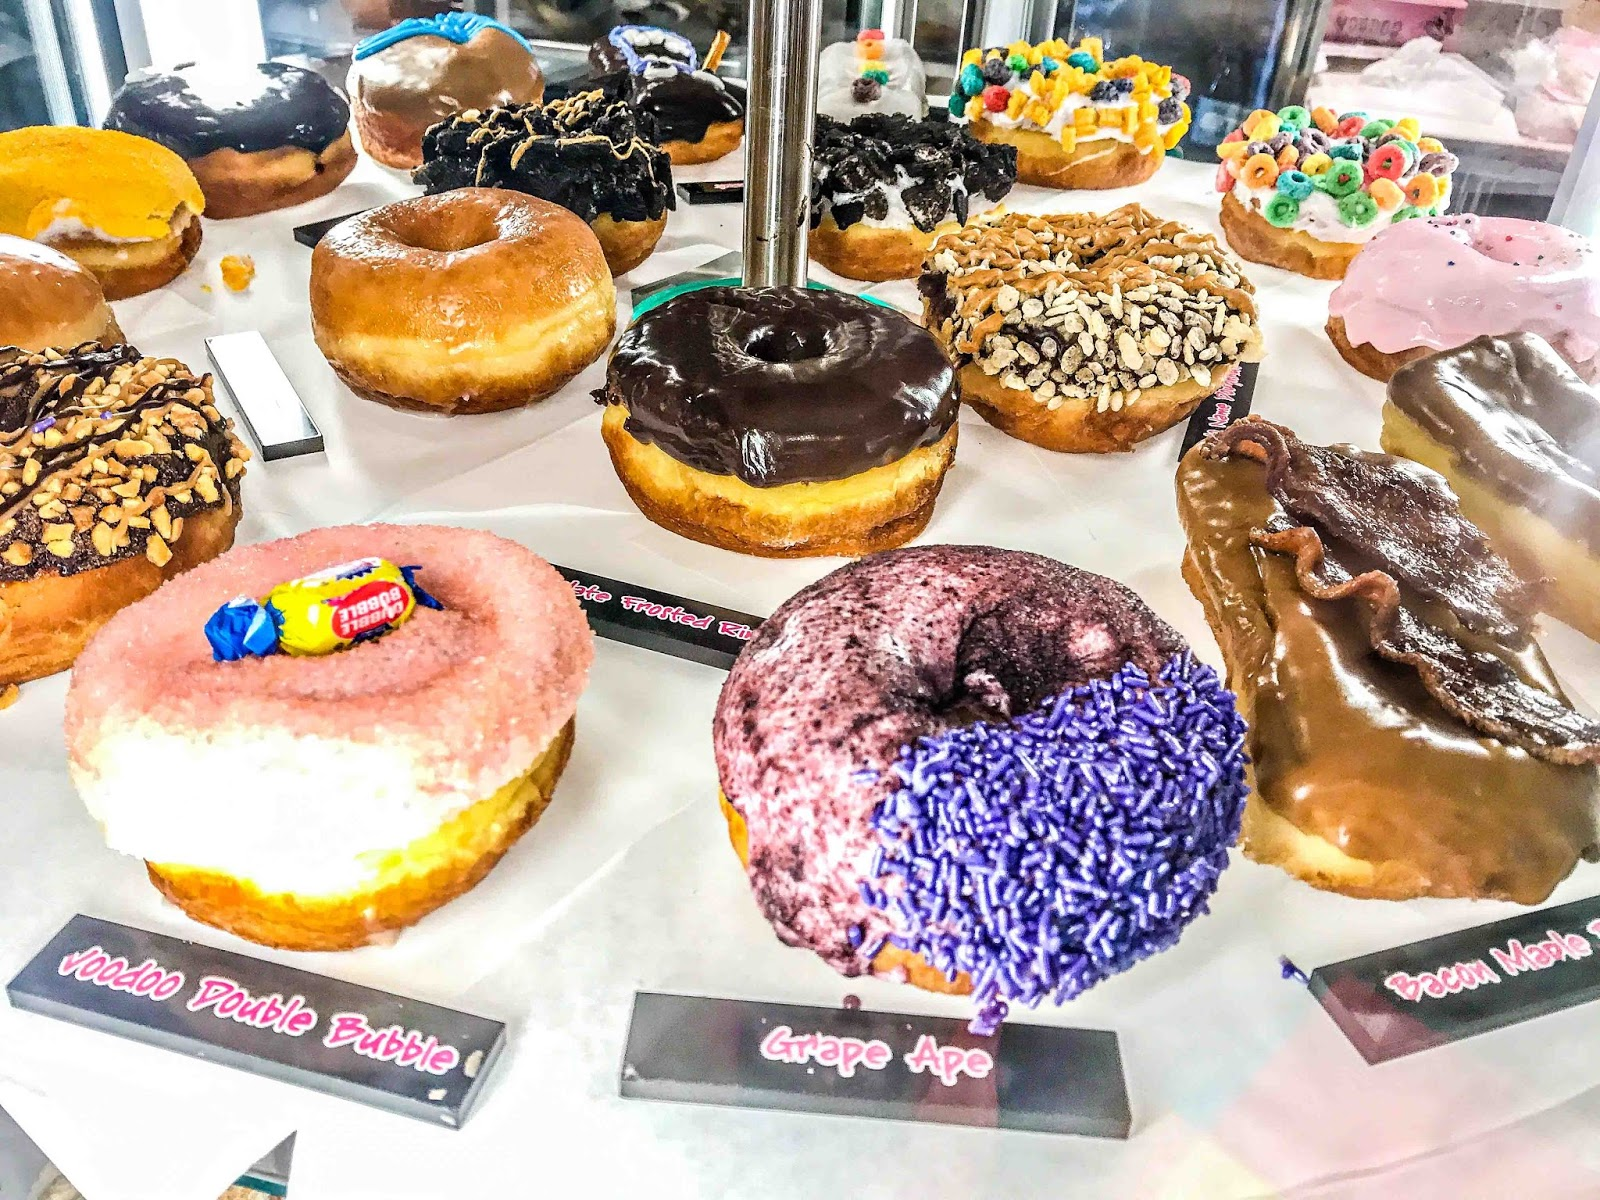 Voodoo Doughnuts